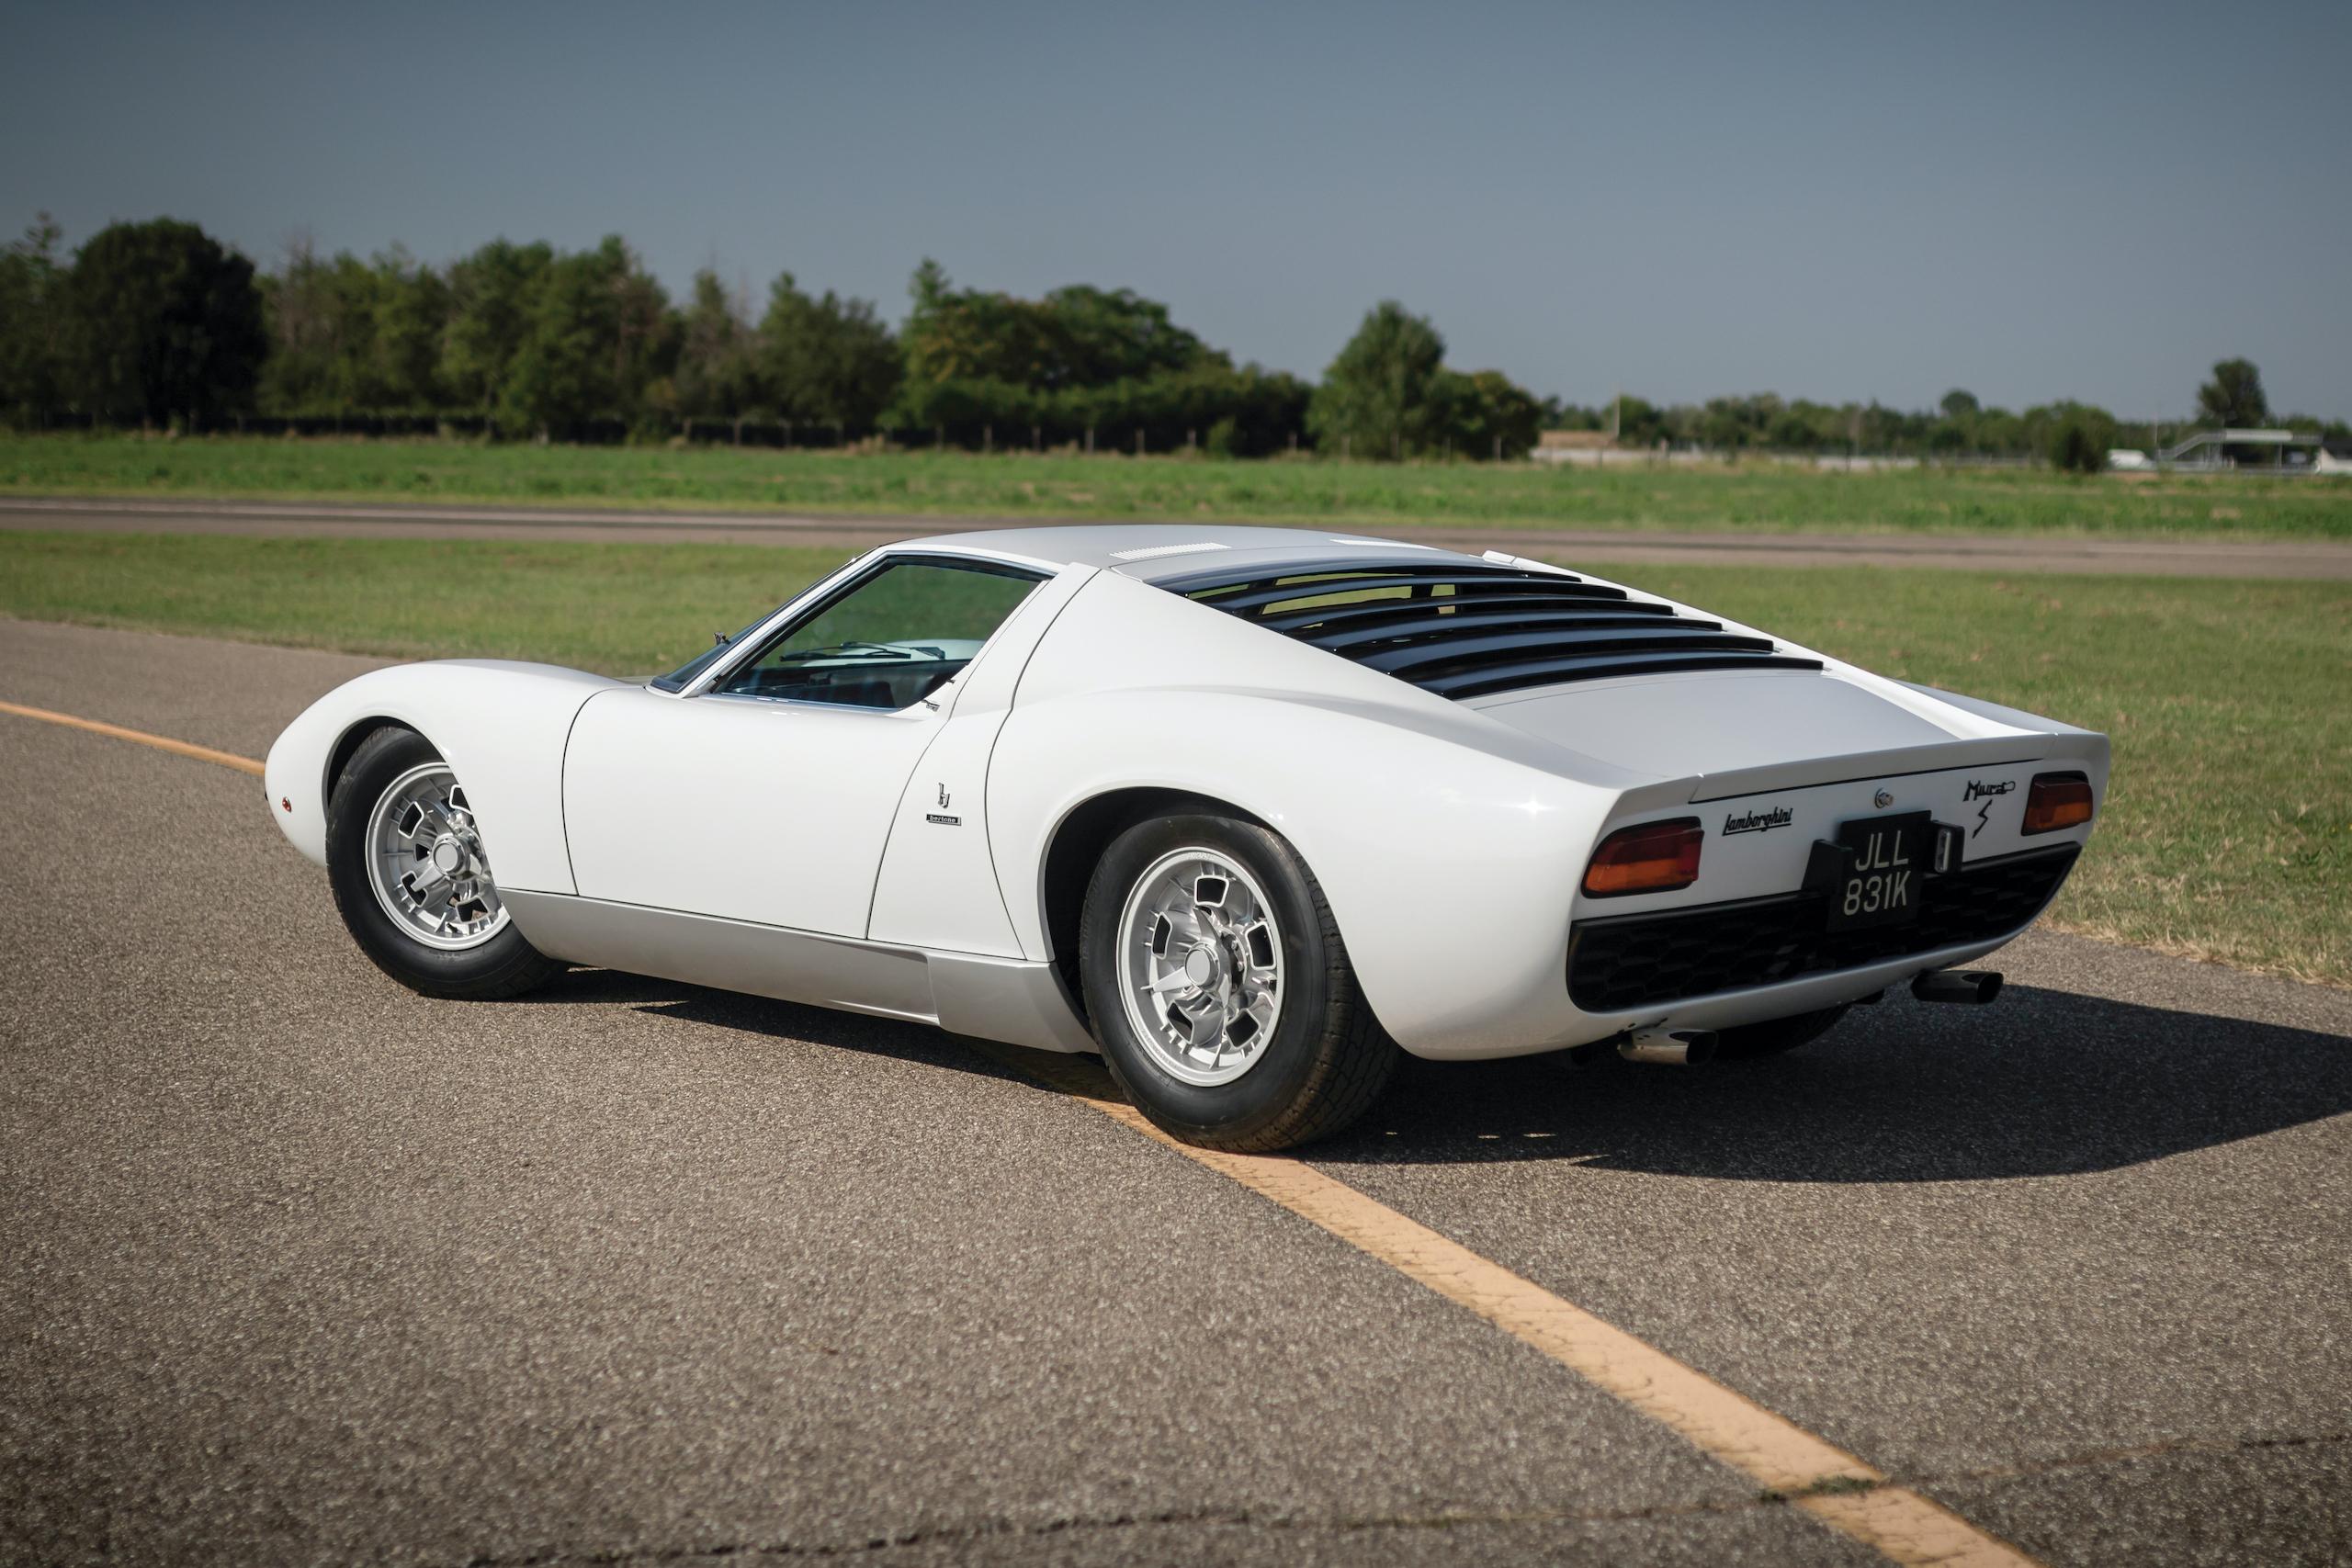 1971 Lamborghini Miura P400 S by Bertone rear three-quarter